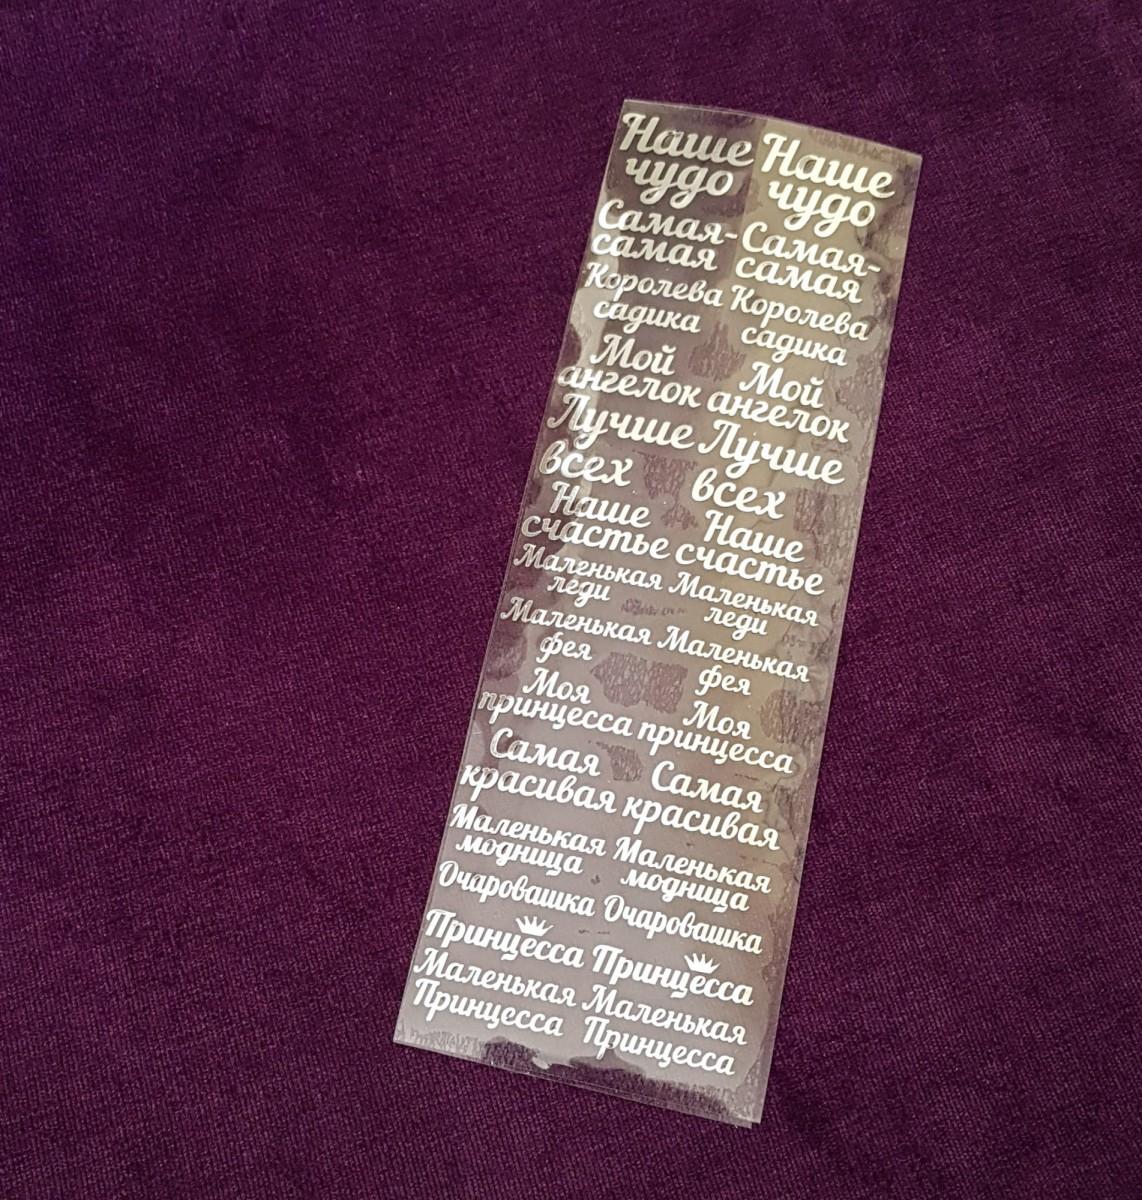 """Набор надписей для бантиков """"Наше чудо"""" 14 парных надписей размером  +/-3см голограмма серебро (другие цвета выбирайте ниже)"""